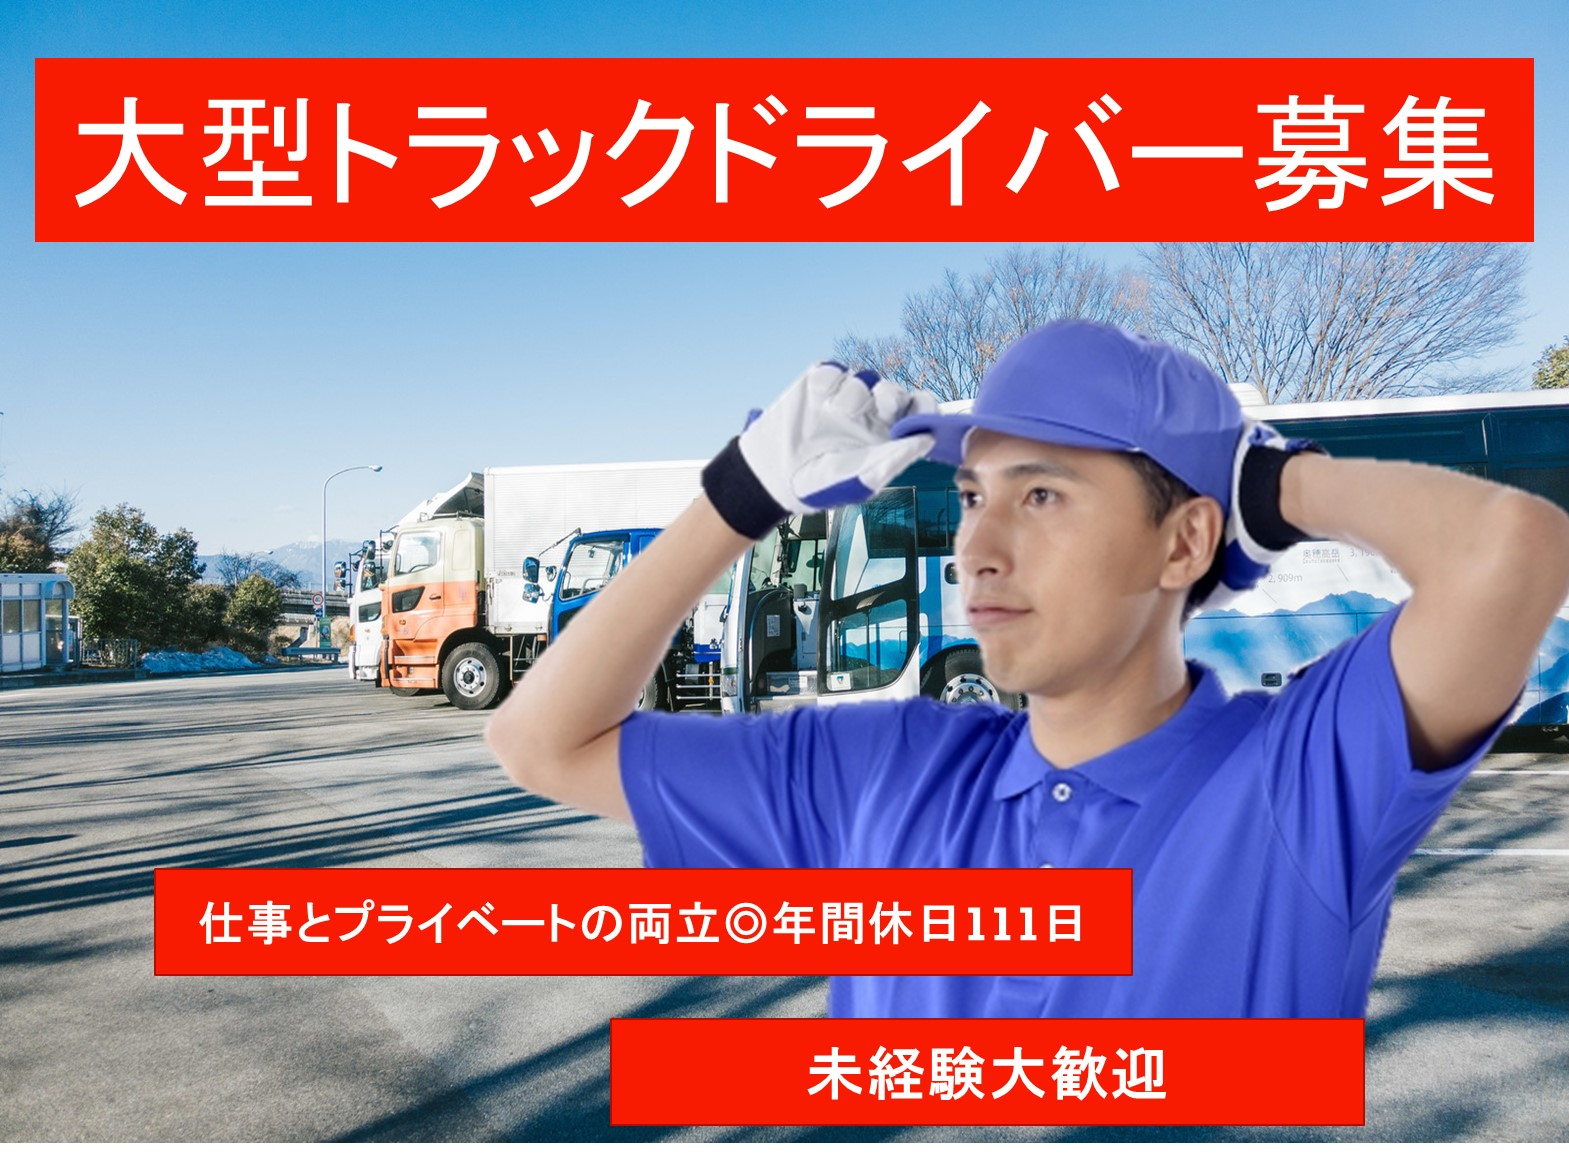 未経験OK!稼ぎたい、プライベート重視あなたの希望に合わせたルートドライバー イメージ